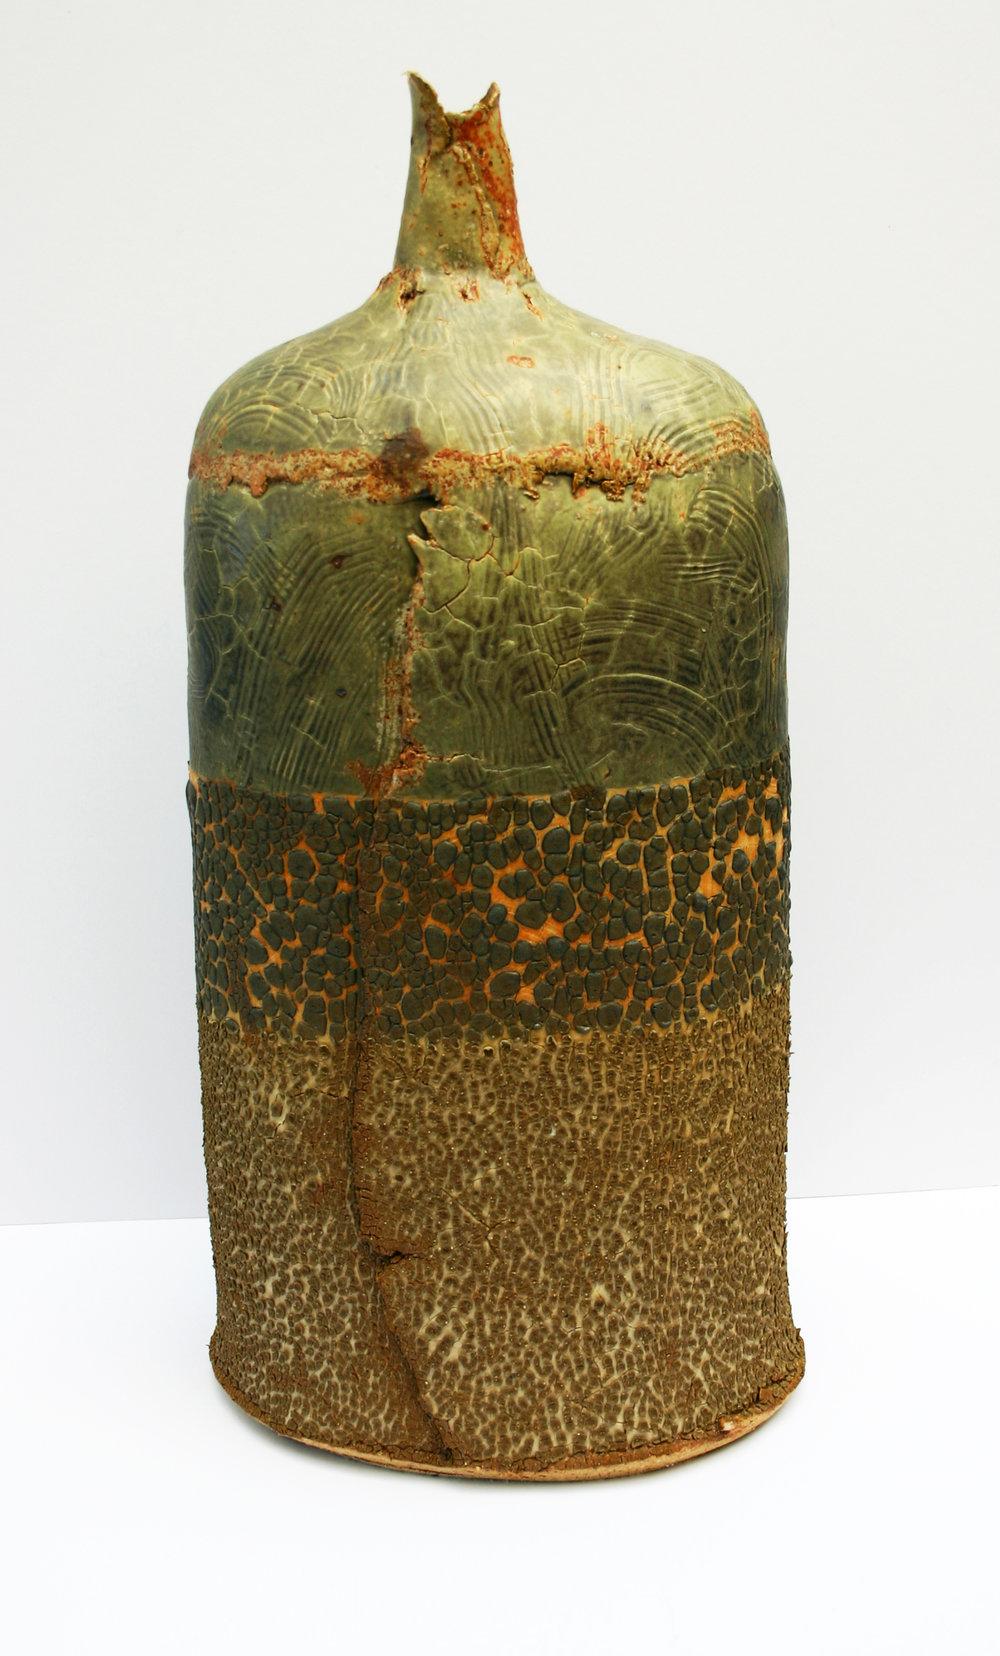 Saltmarsh Bottle - 54cm tall£880.00